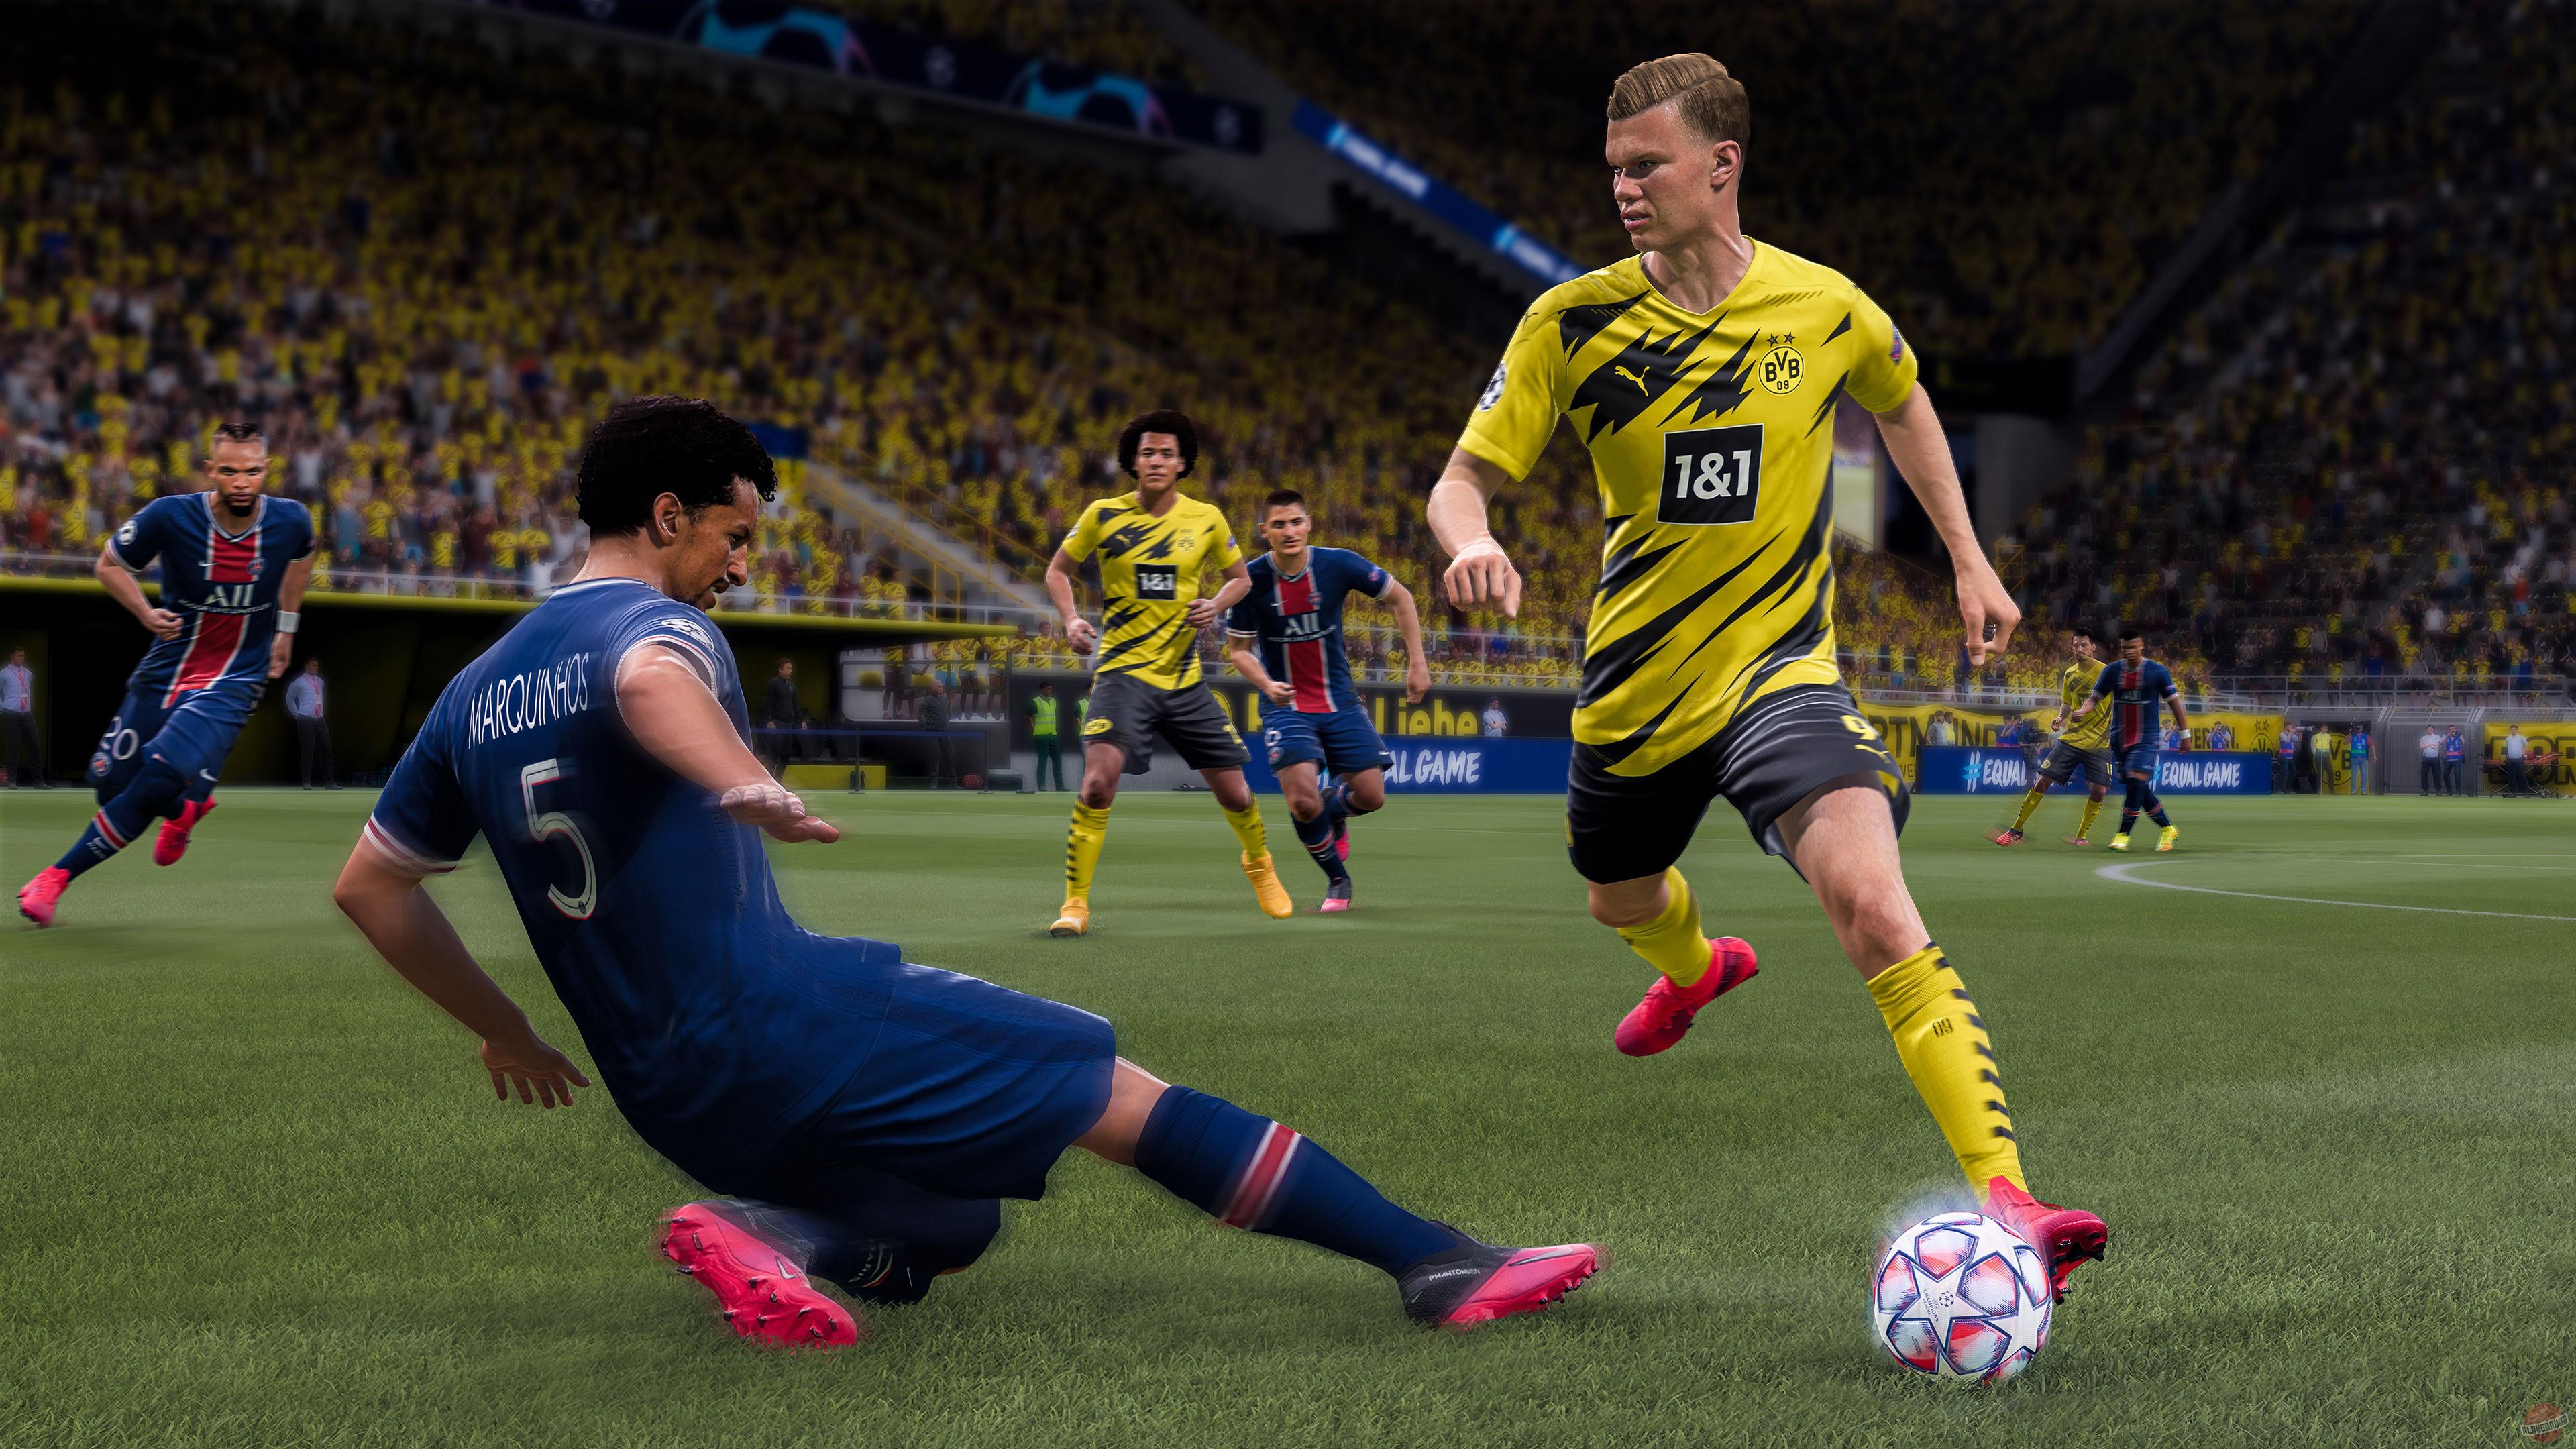 EA ответила почему FIFA 21 не является некстгеном на ПК